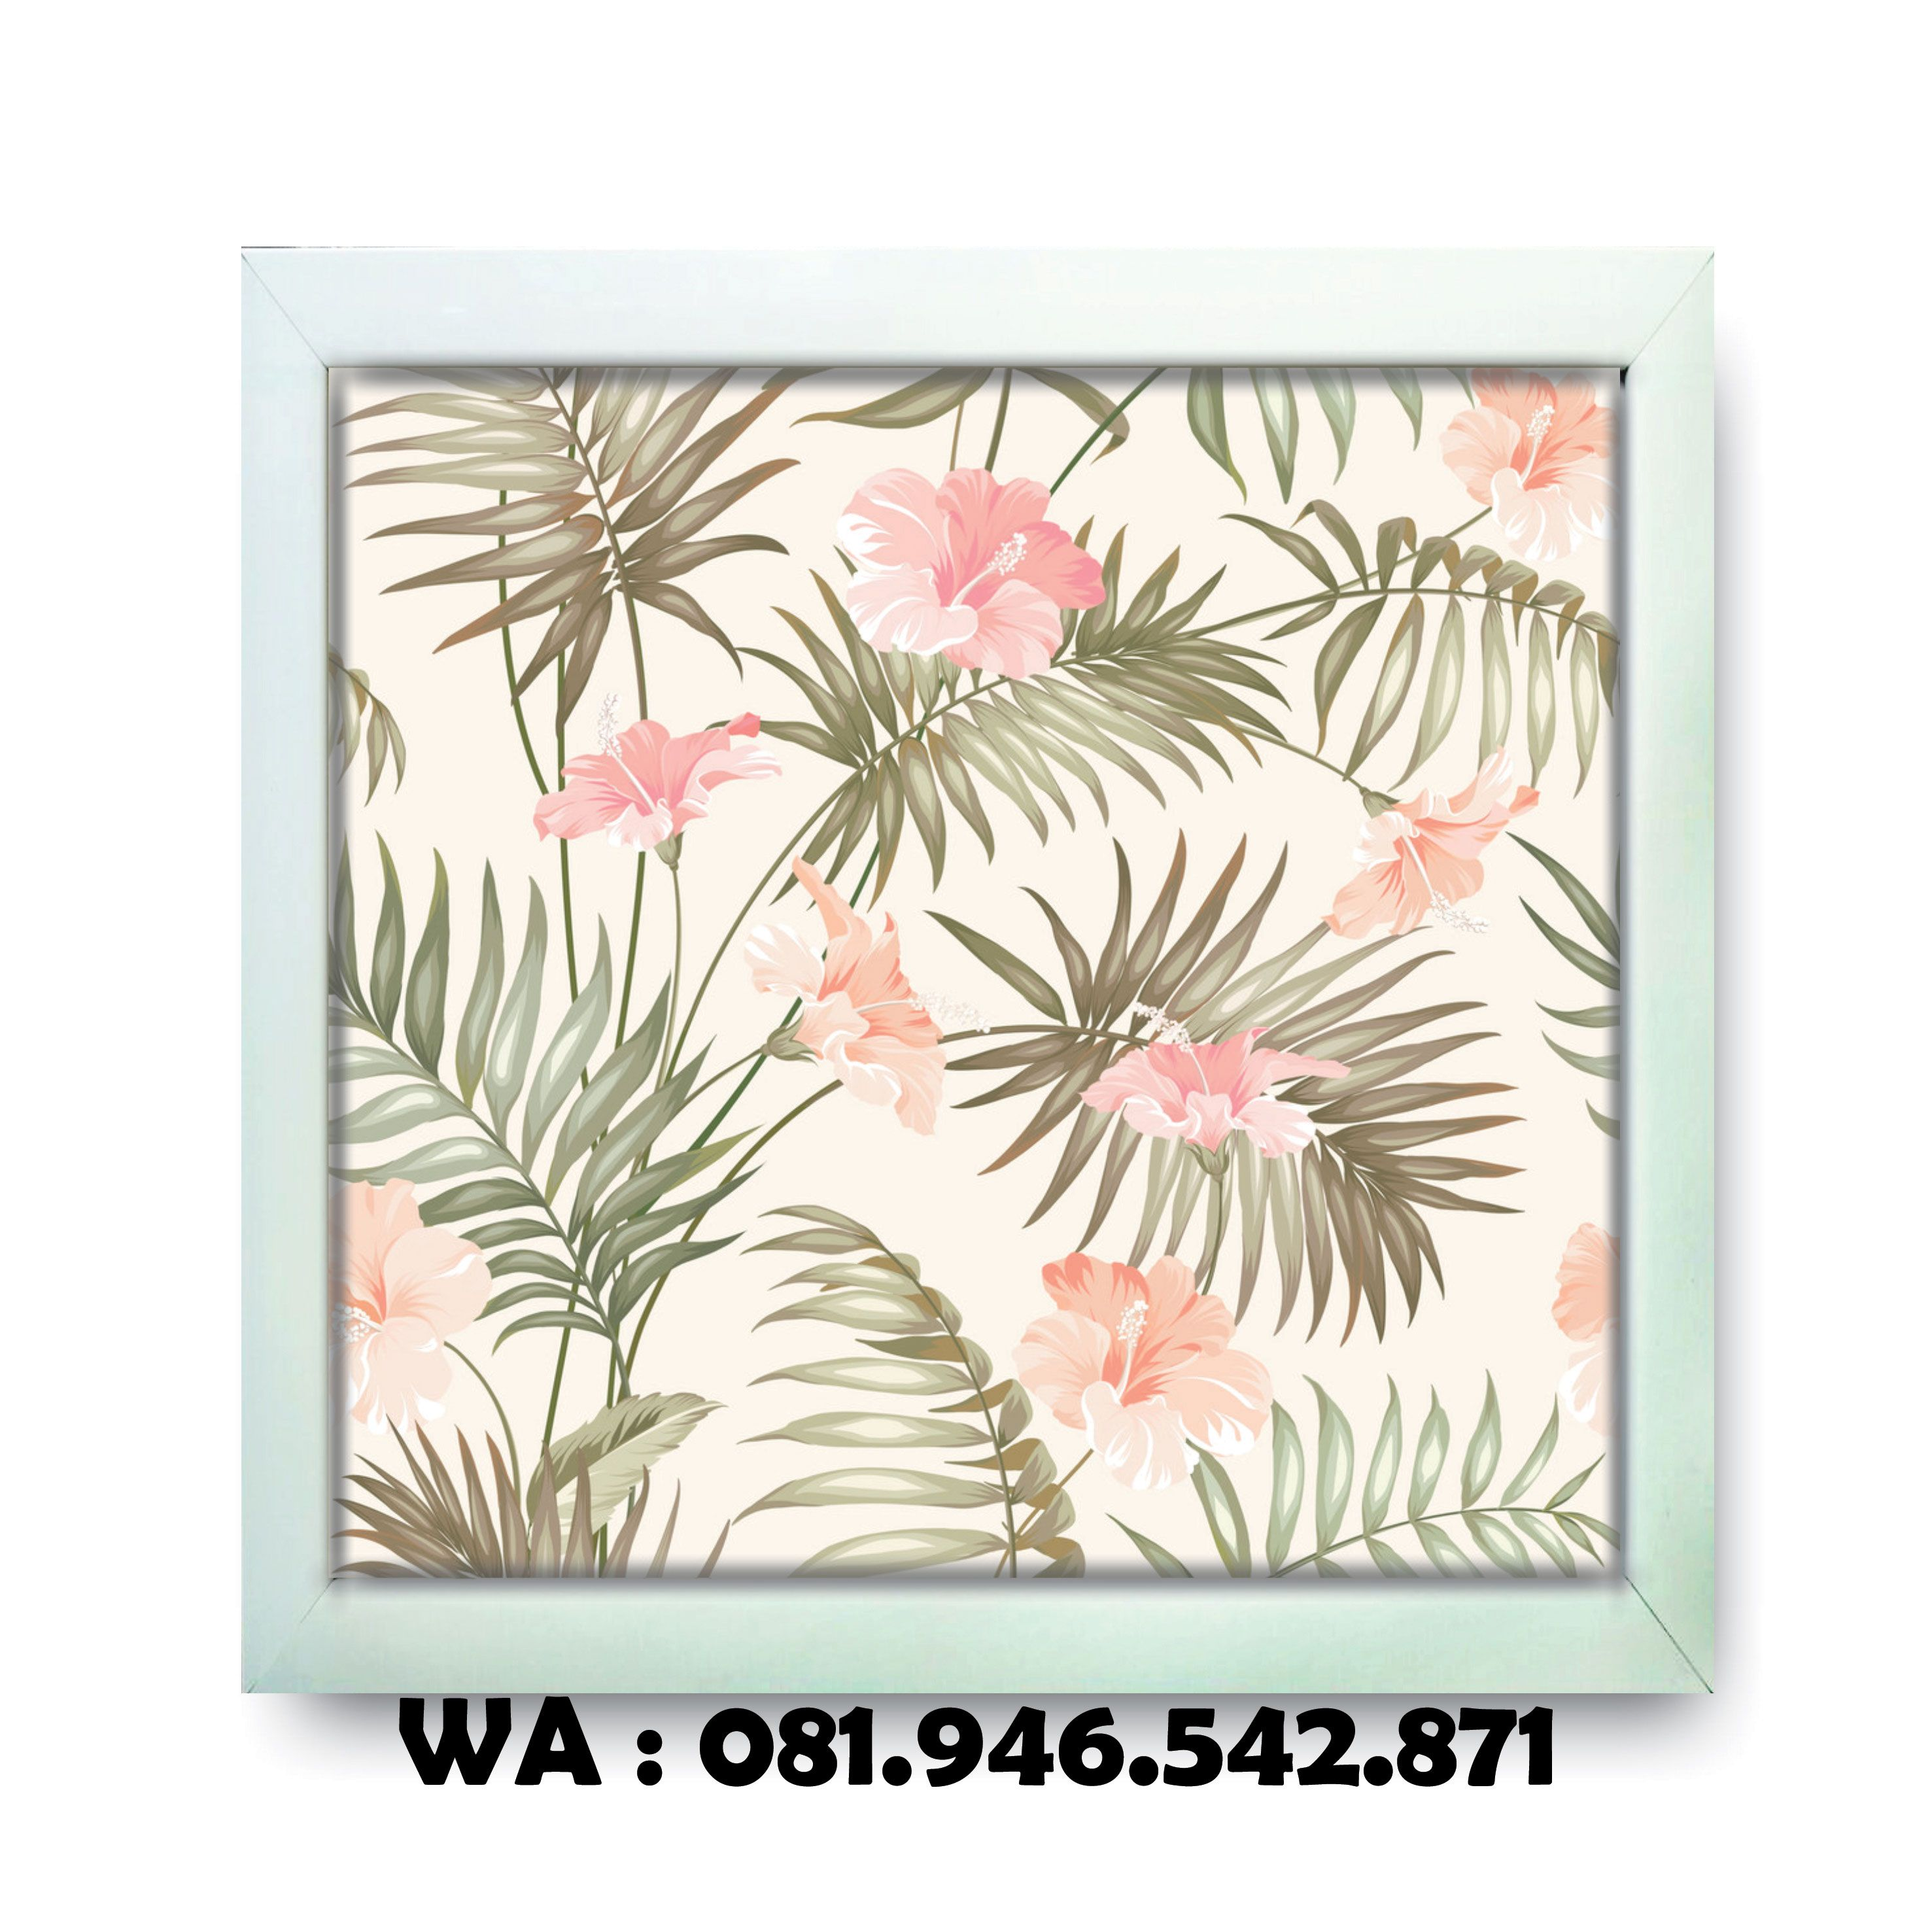 Spesifikasi Ukuran Ukuran 20x20 Cm Dengan Berat 250grm Jadi Sekilo Bisa 4 Pcs Bisa Pesan Motif Warna Frame Sesuai Keinginan Wallpaper Decor Home Decor